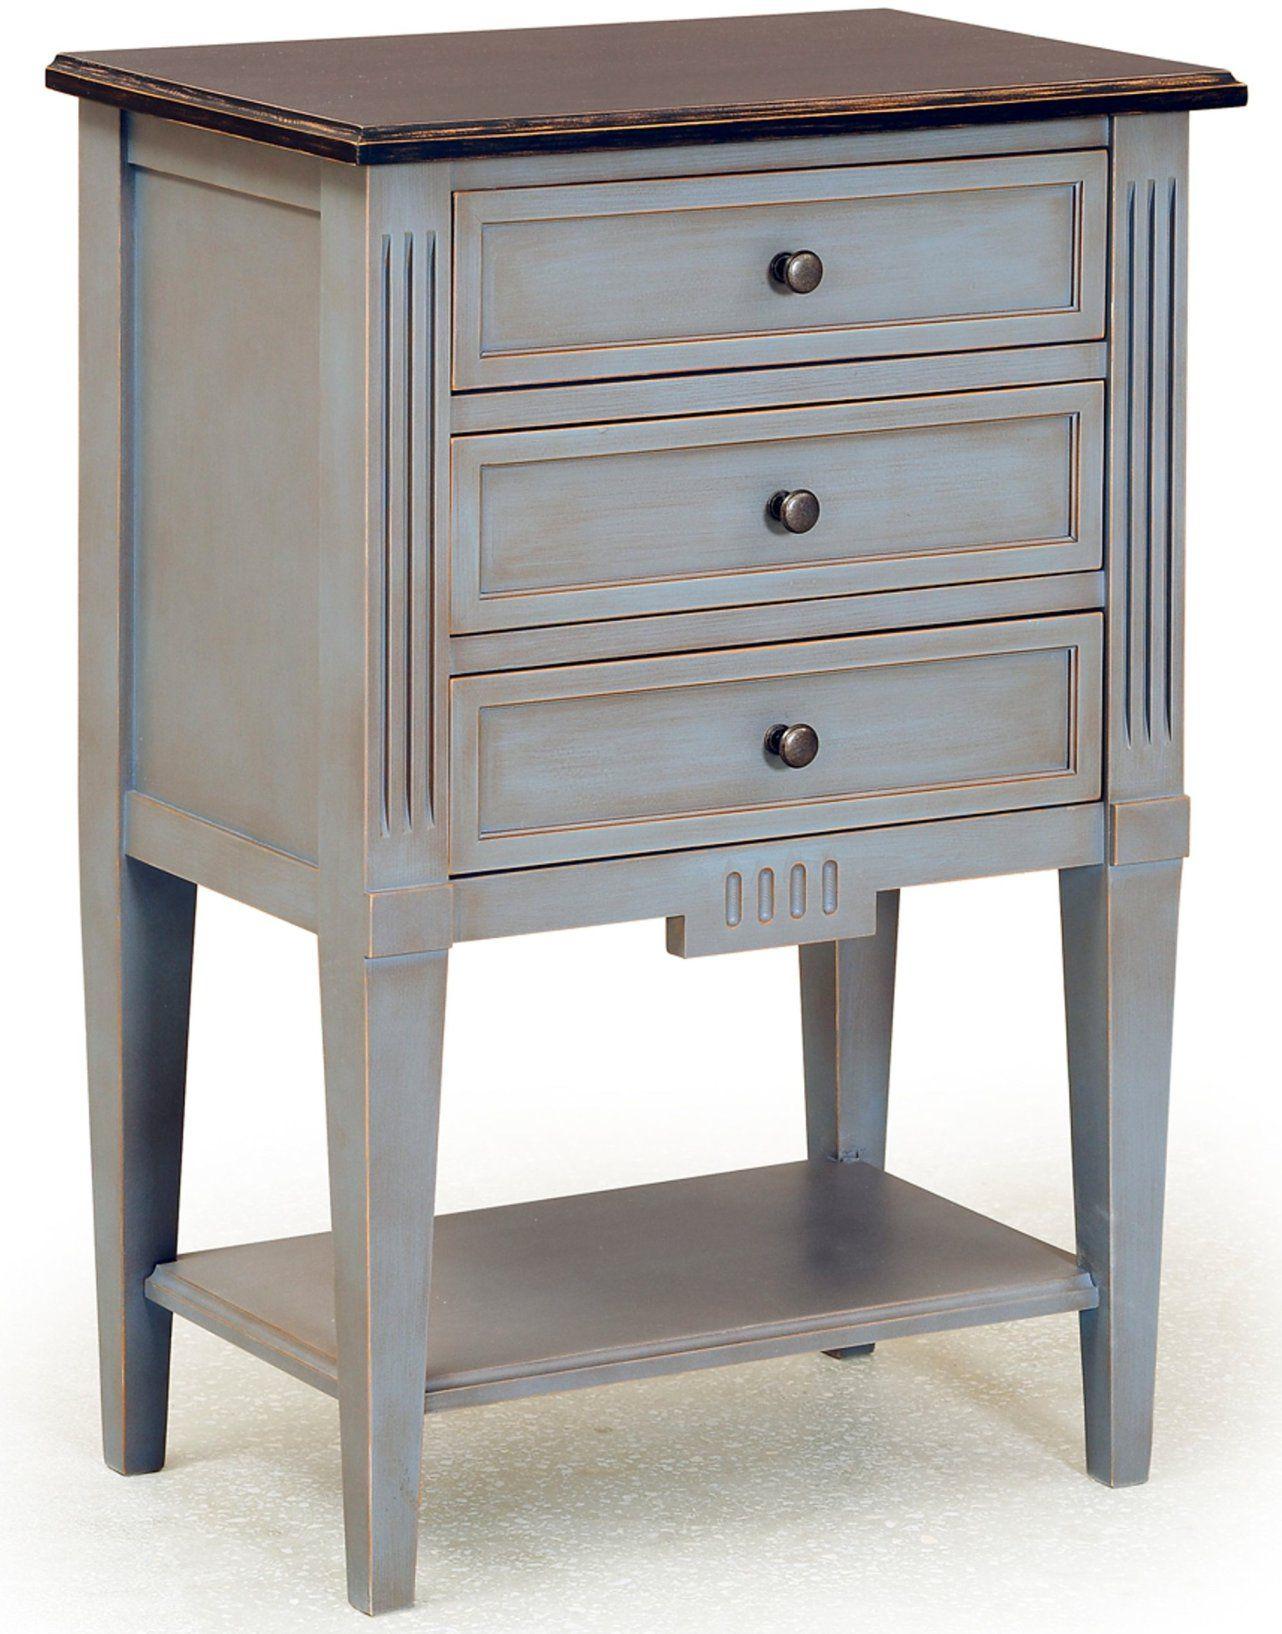 peindre meuble bois peinture craie recherche google. Black Bedroom Furniture Sets. Home Design Ideas